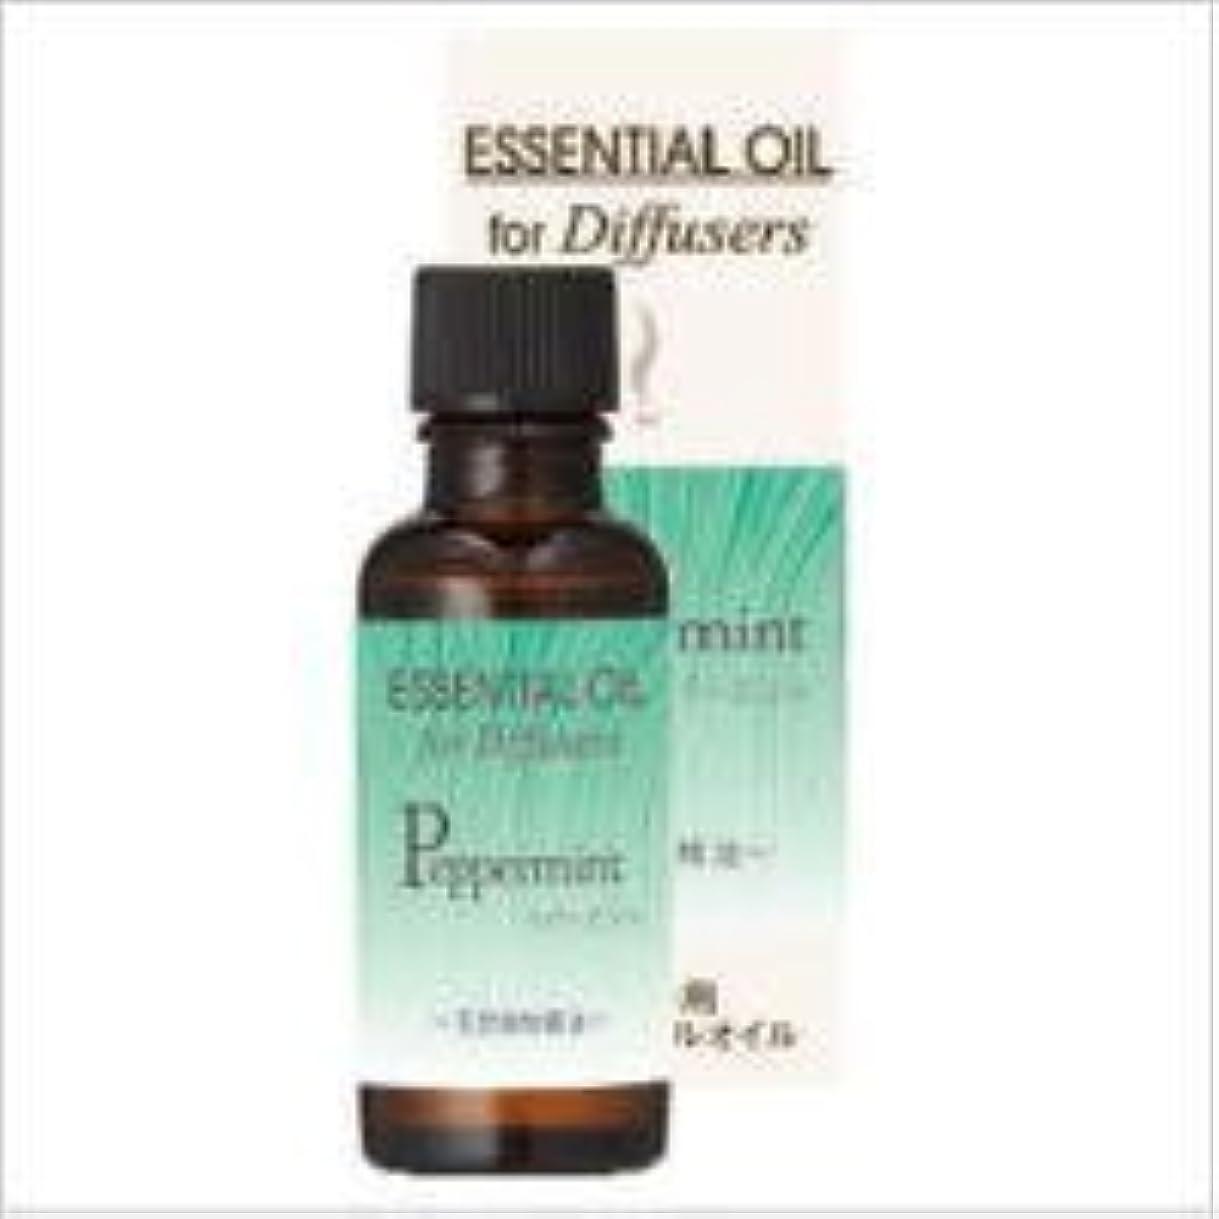 の面ではメンター関係する生活の木 芳香浴用エッセンシャルオイル ペパーミント[30ml] エッセンシャルオイル/精油